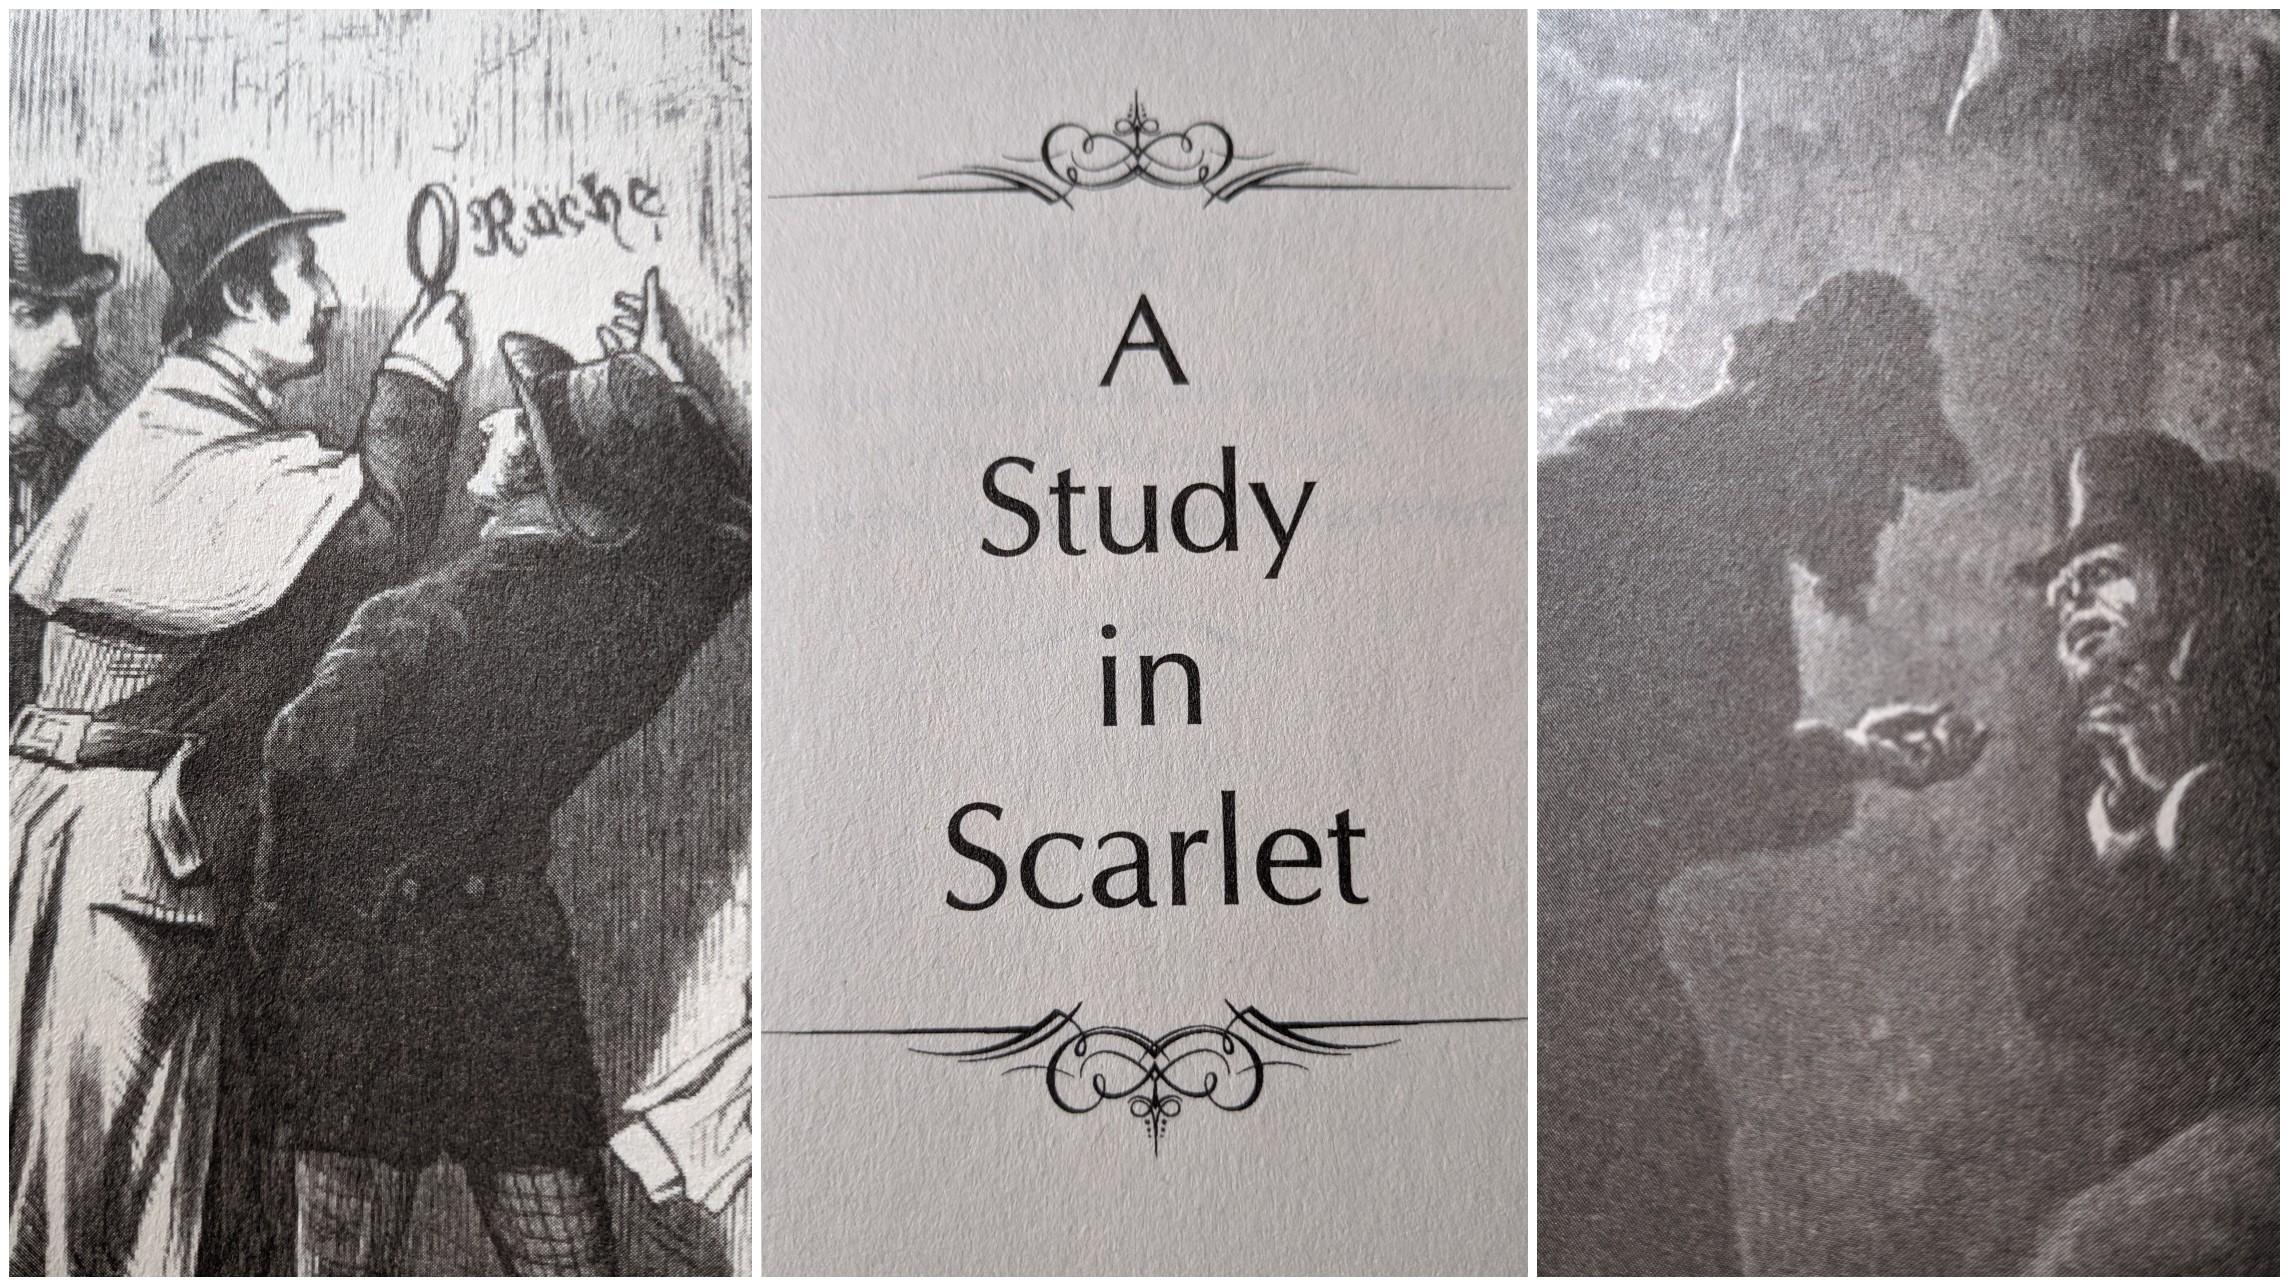 A Study in Scarlet- Sherlock Holmes by Sir Arthur Conan Doyle